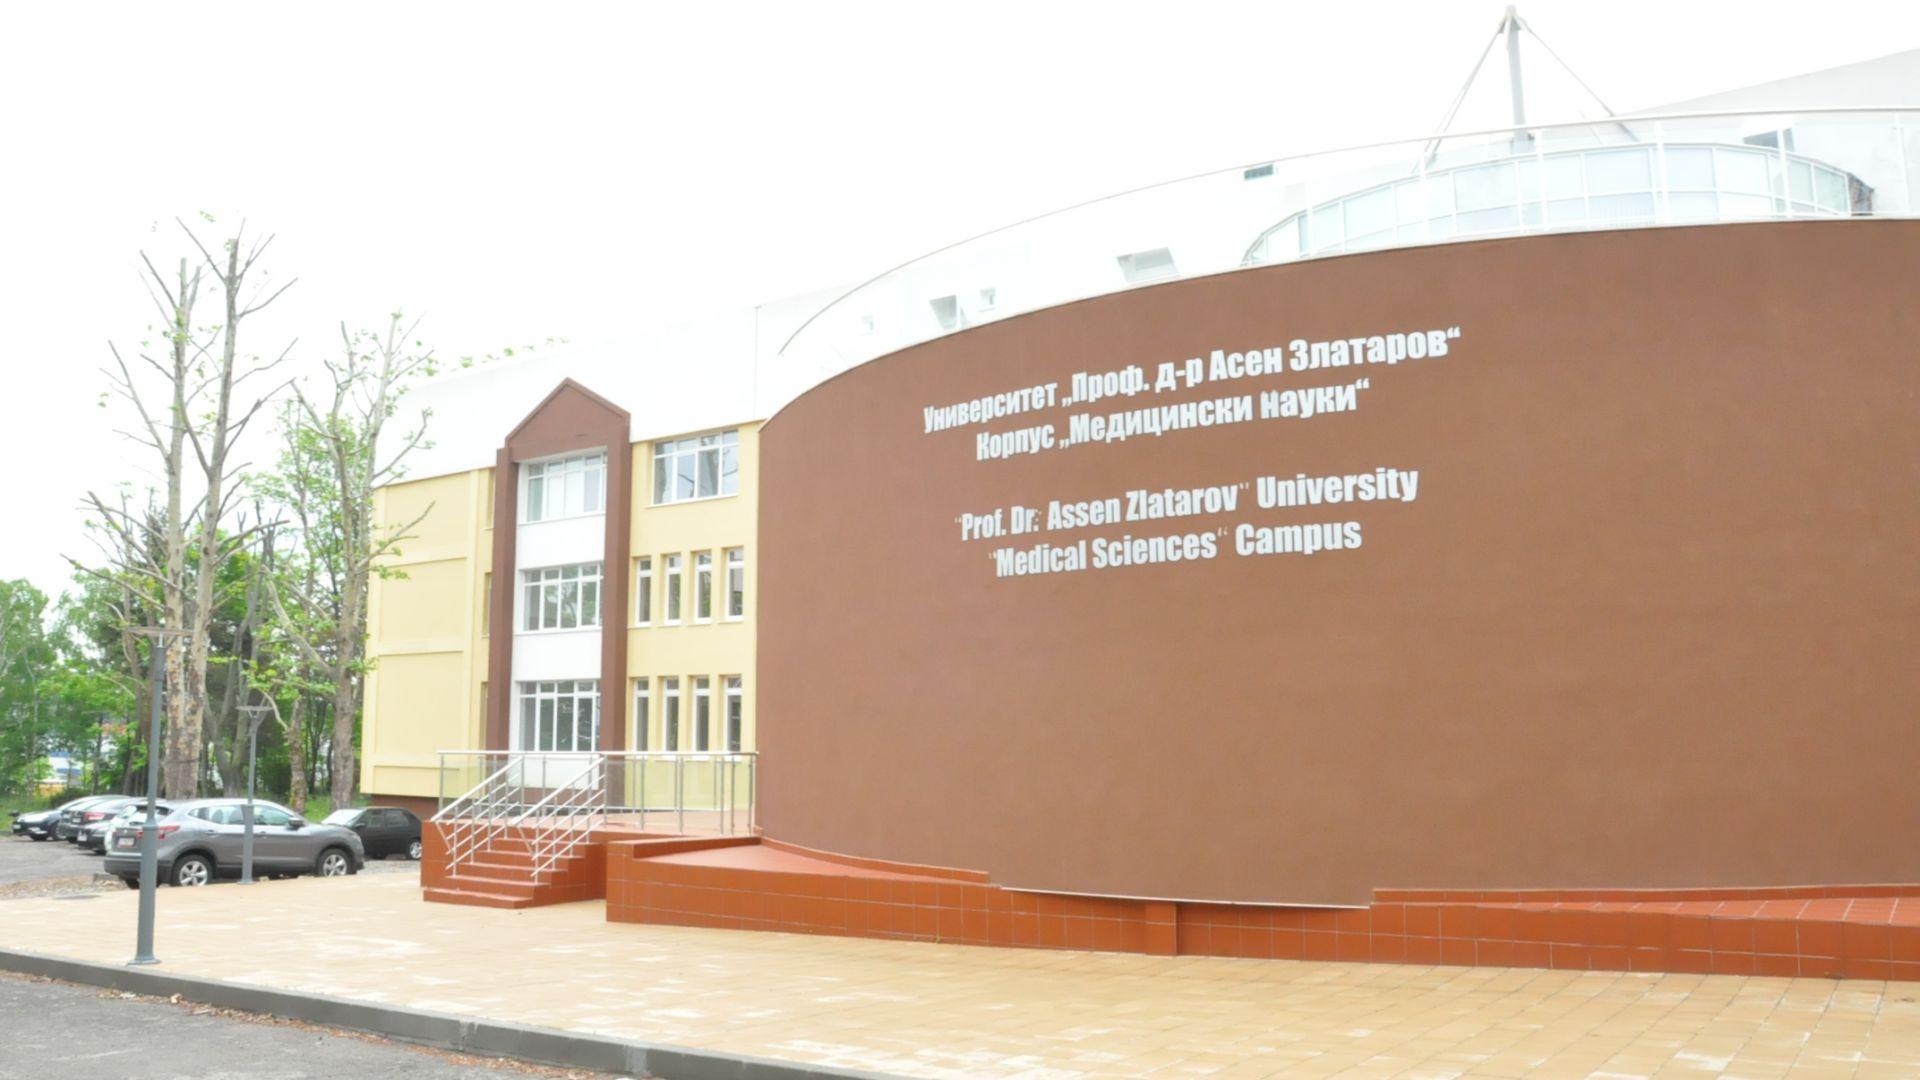 Кметът на Бургас:  След 5 г. проблемът с липсата на лекари в града ще бъде решен